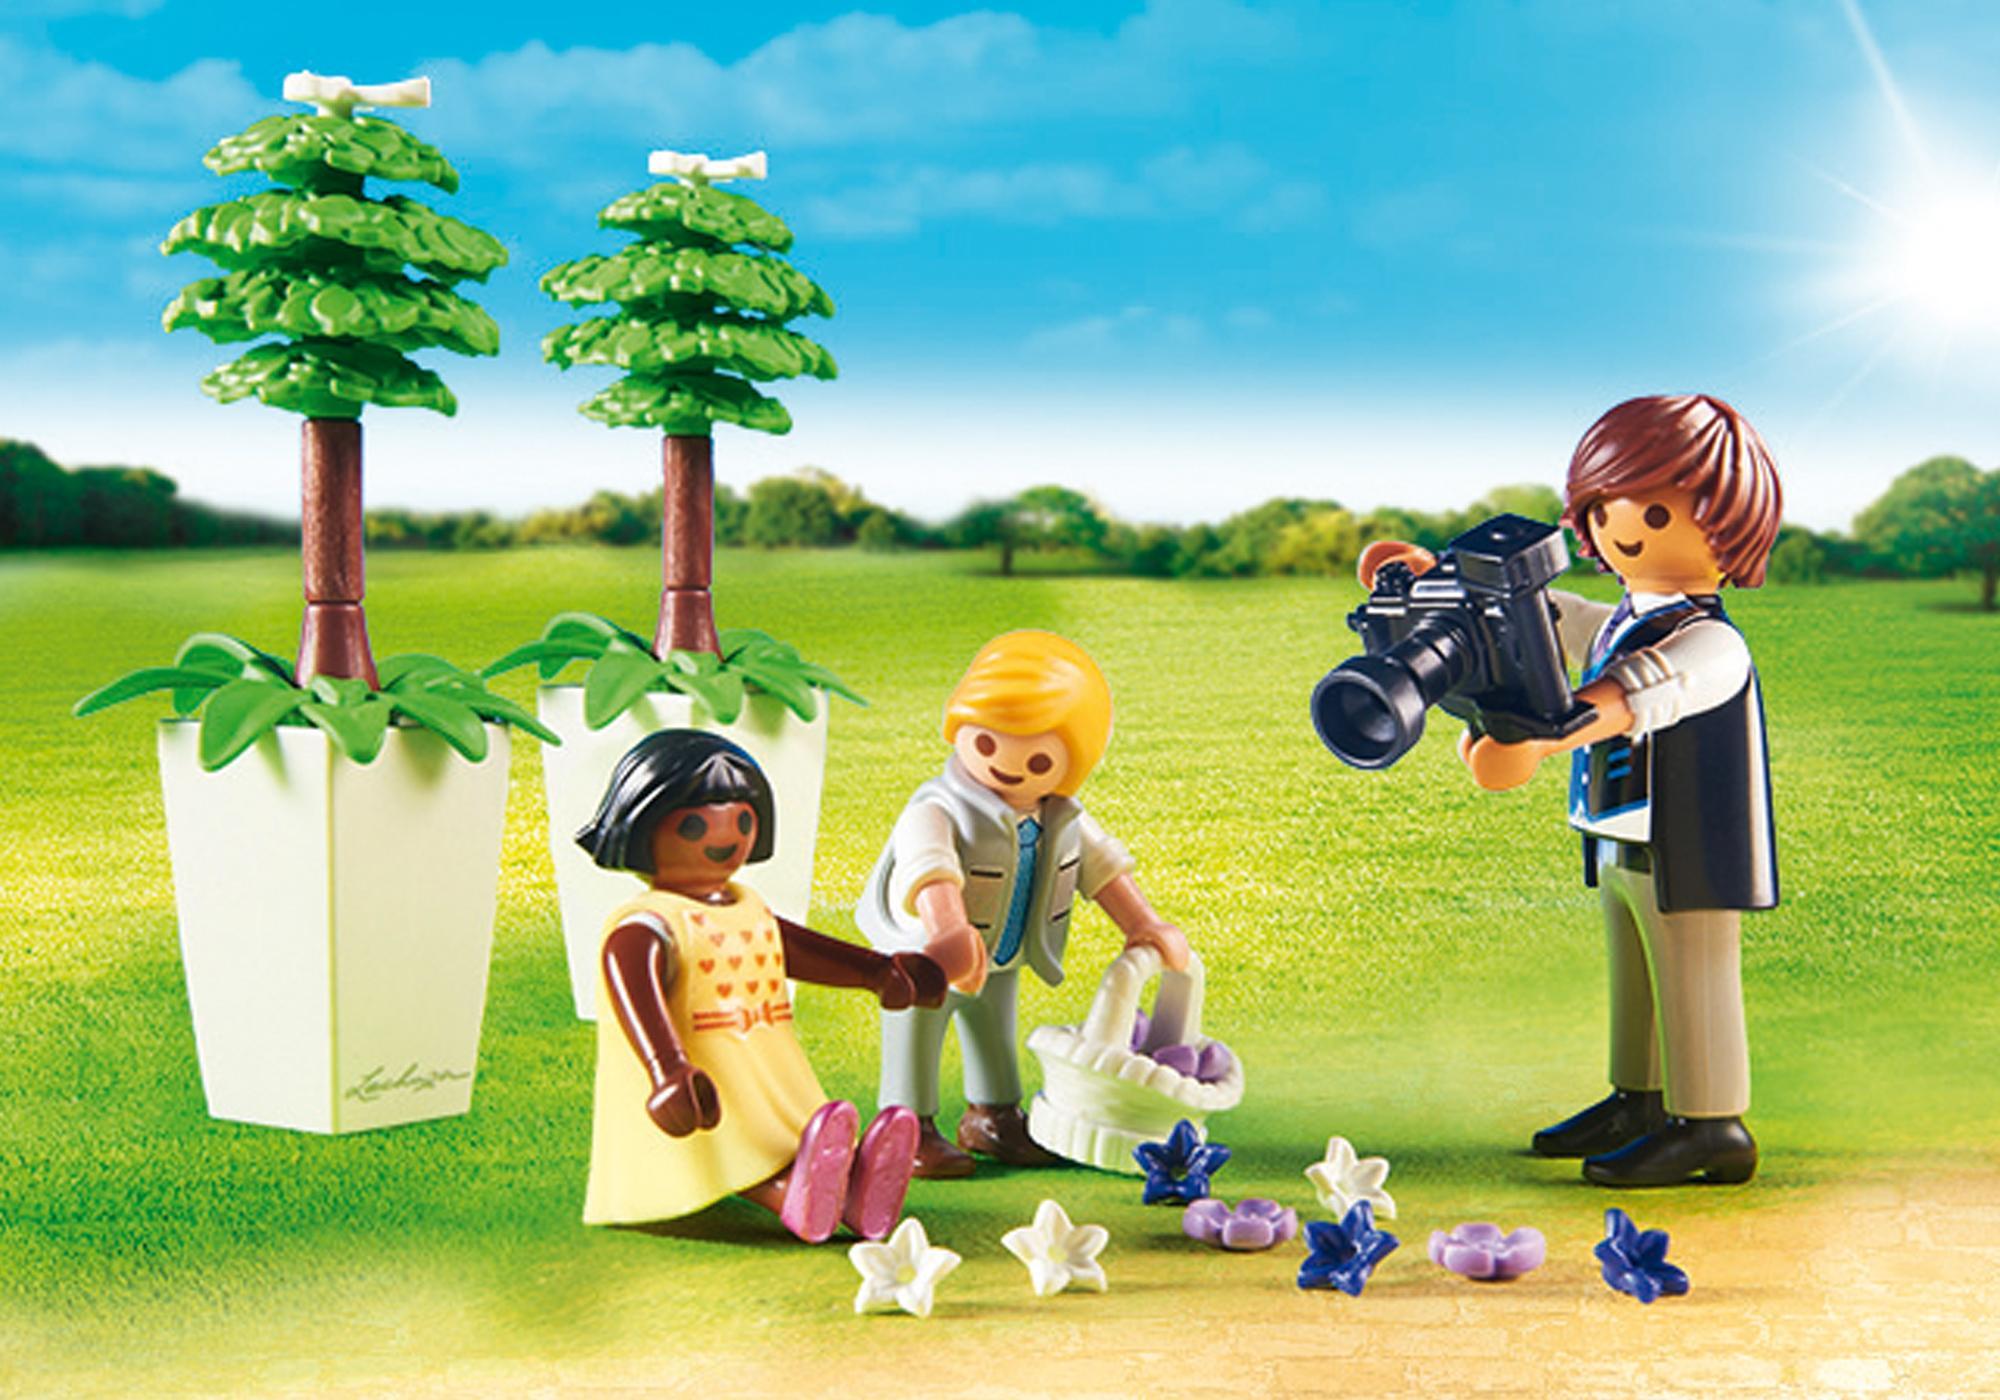 http://media.playmobil.com/i/playmobil/9230_product_extra1/Fotograf i dzieci z kwiatkami